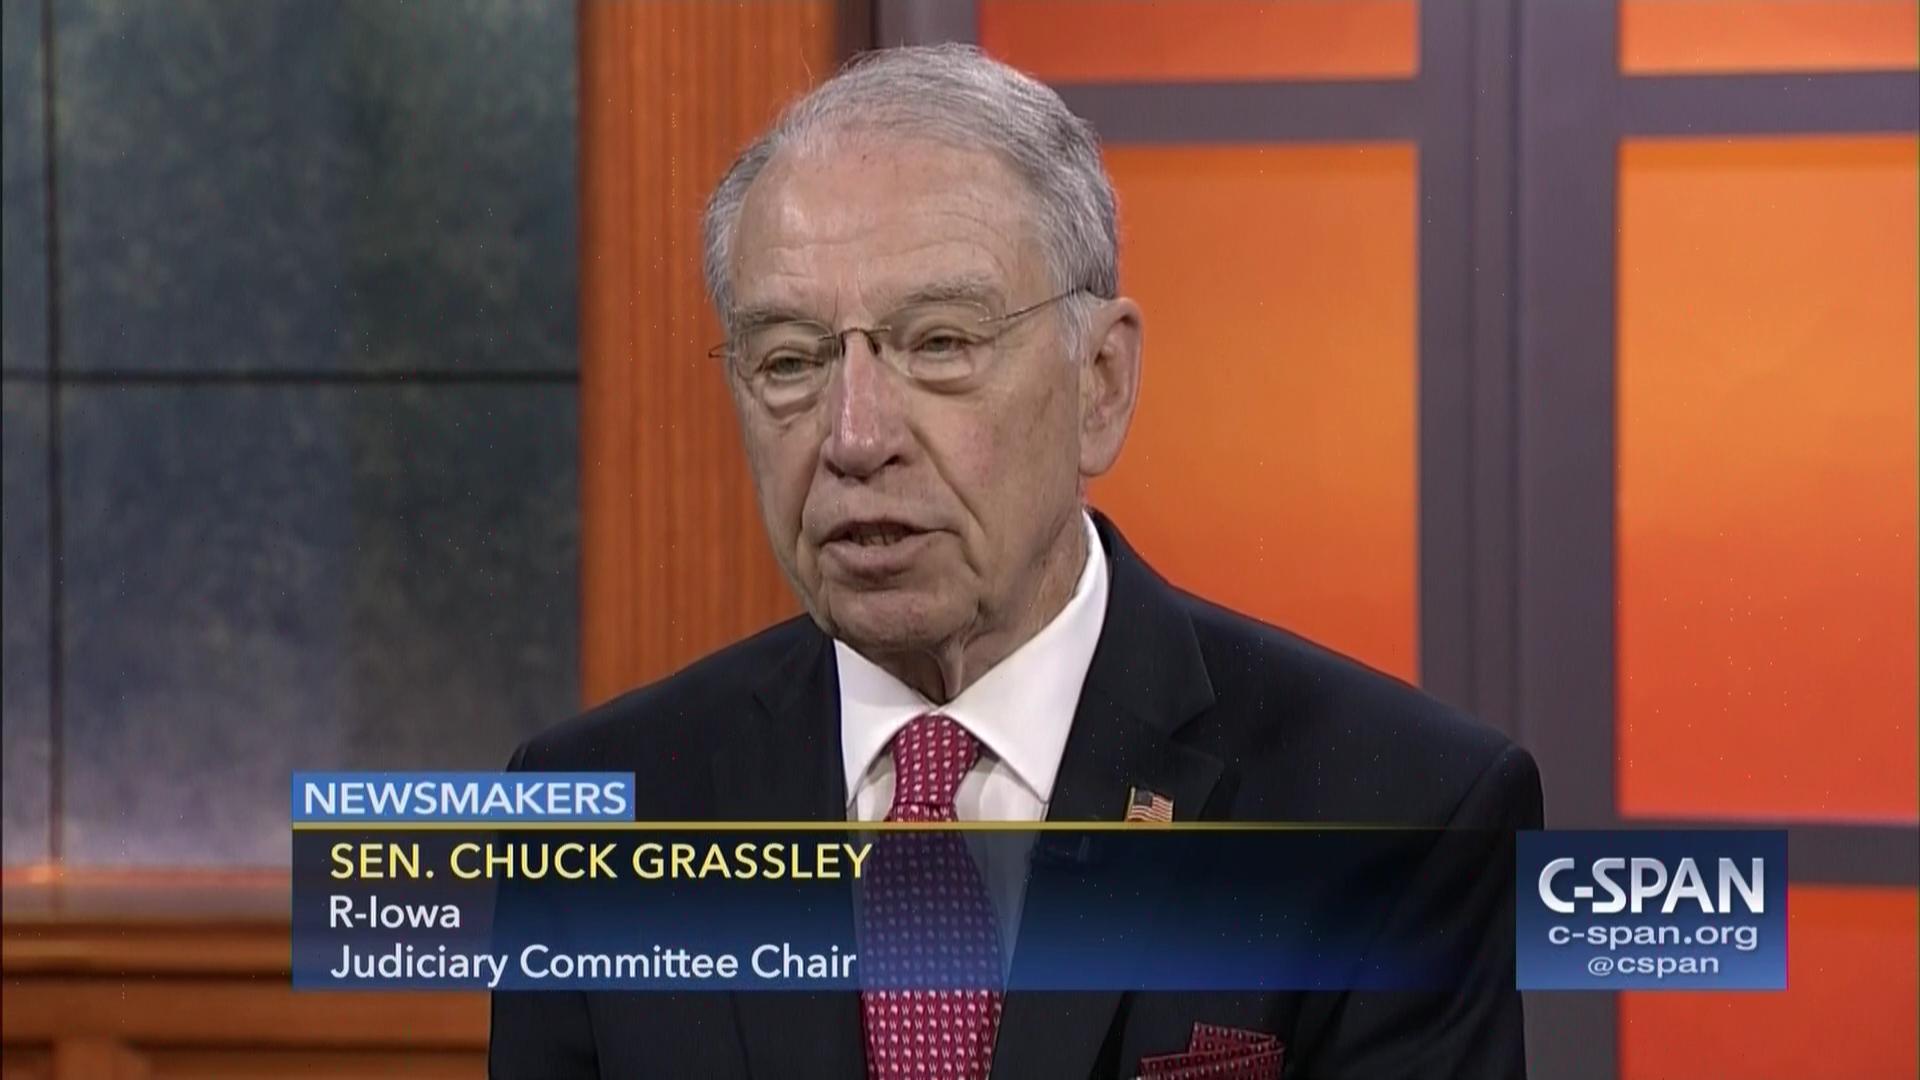 Newsmakers Senator Chuck Grassley May 11 2017 C SPAN Org